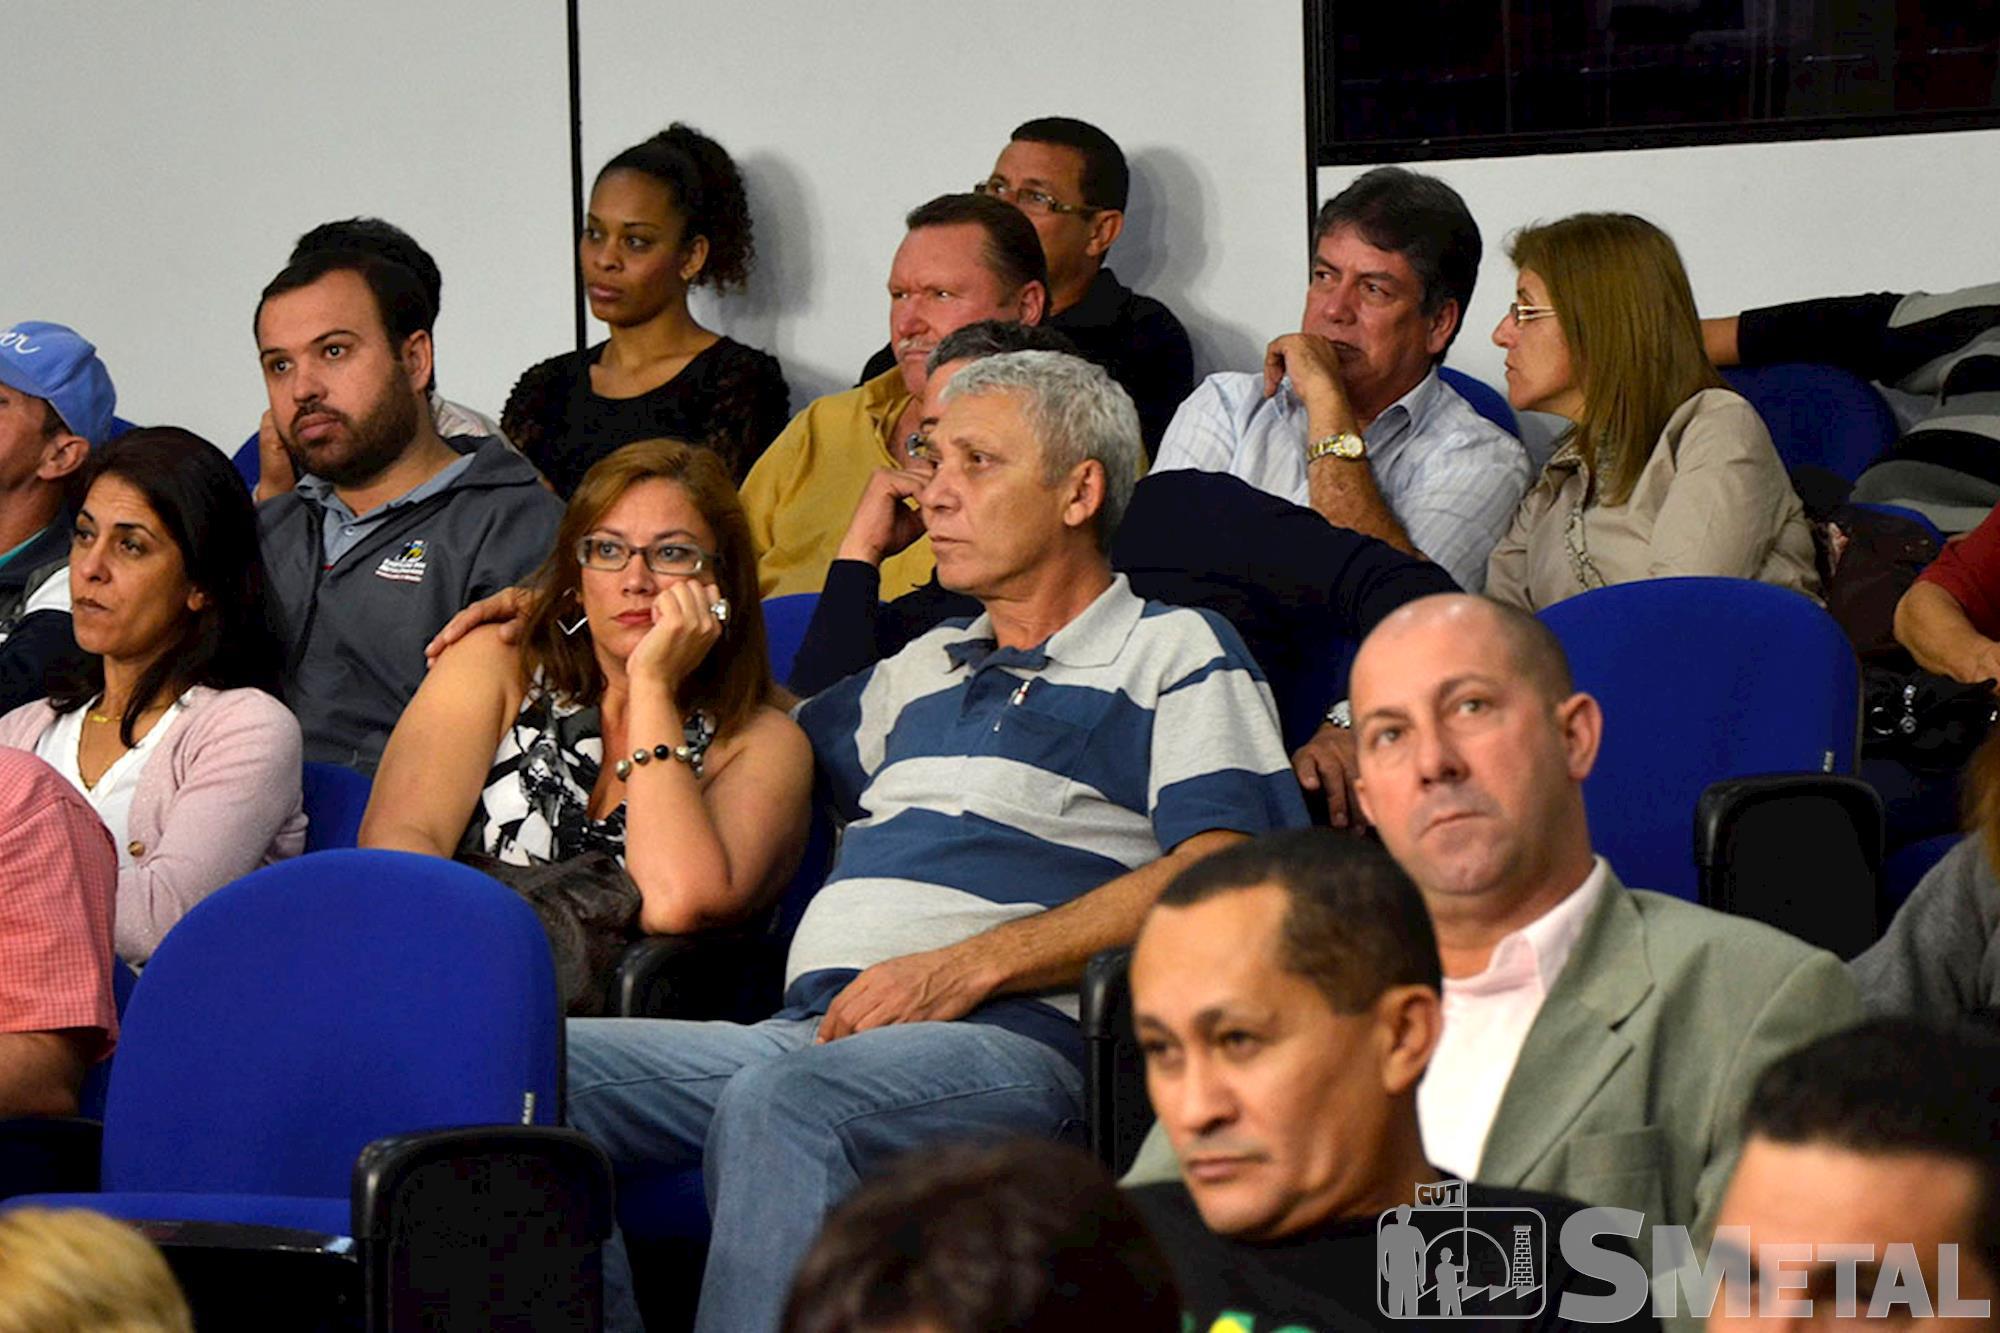 Solenidade em homenagem à CUT reuniu cerca de 200 pessoas na Câmara de Sorocaba, Sessão Solene na Câmara de Sorocaba comemora 30 anos de CUT